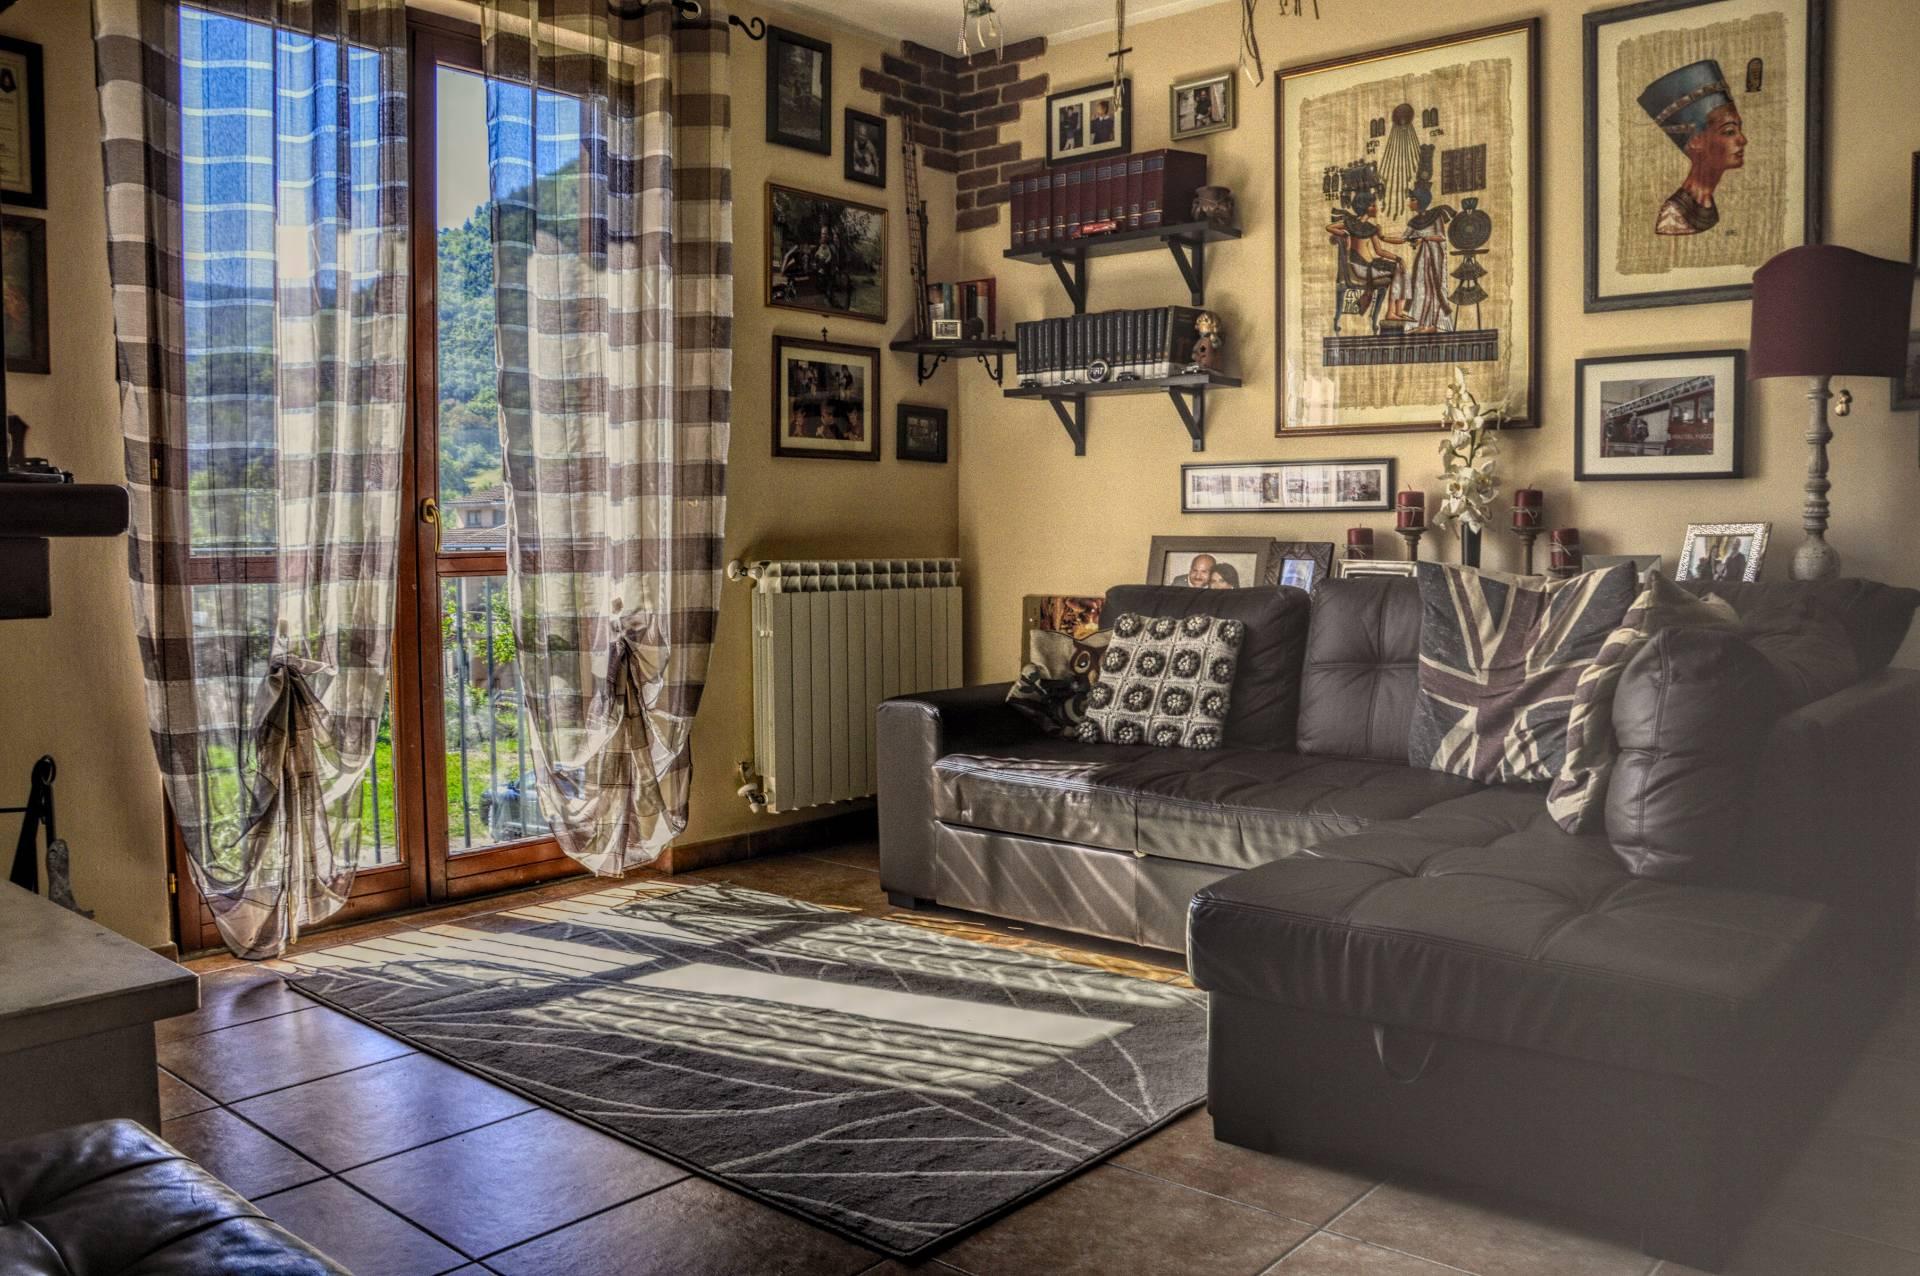 Villa in vendita a Arrone, 5 locali, zona Località: Arrone-Centro, prezzo € 149.000 | CambioCasa.it